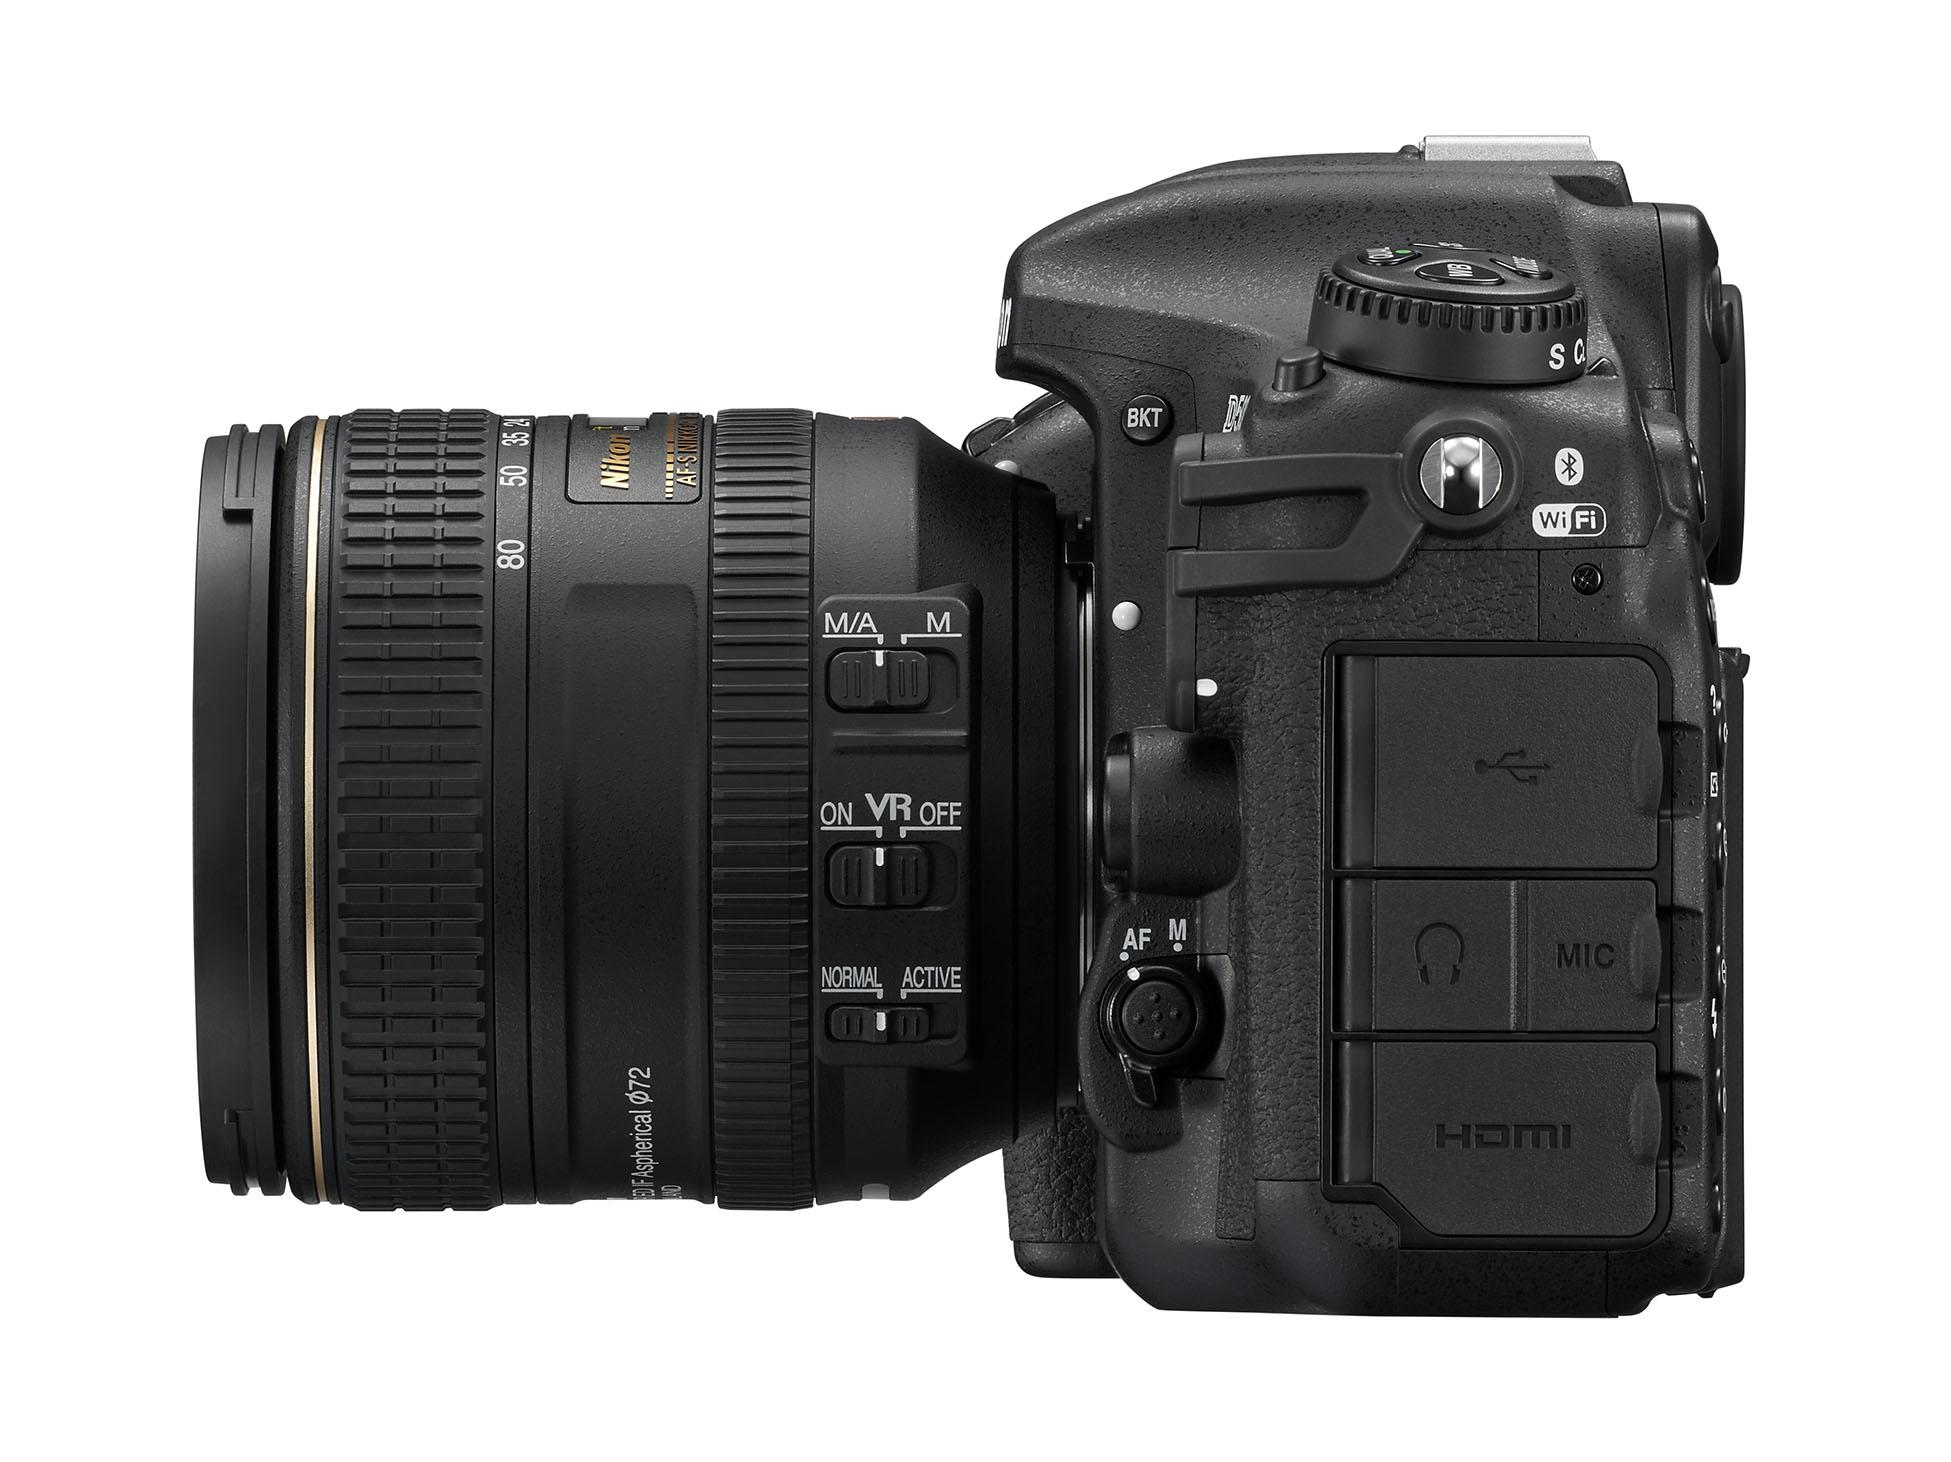 Die Nikon D500 Die Leistungsstärke einer FX Format DSLR in handlichem DX Format